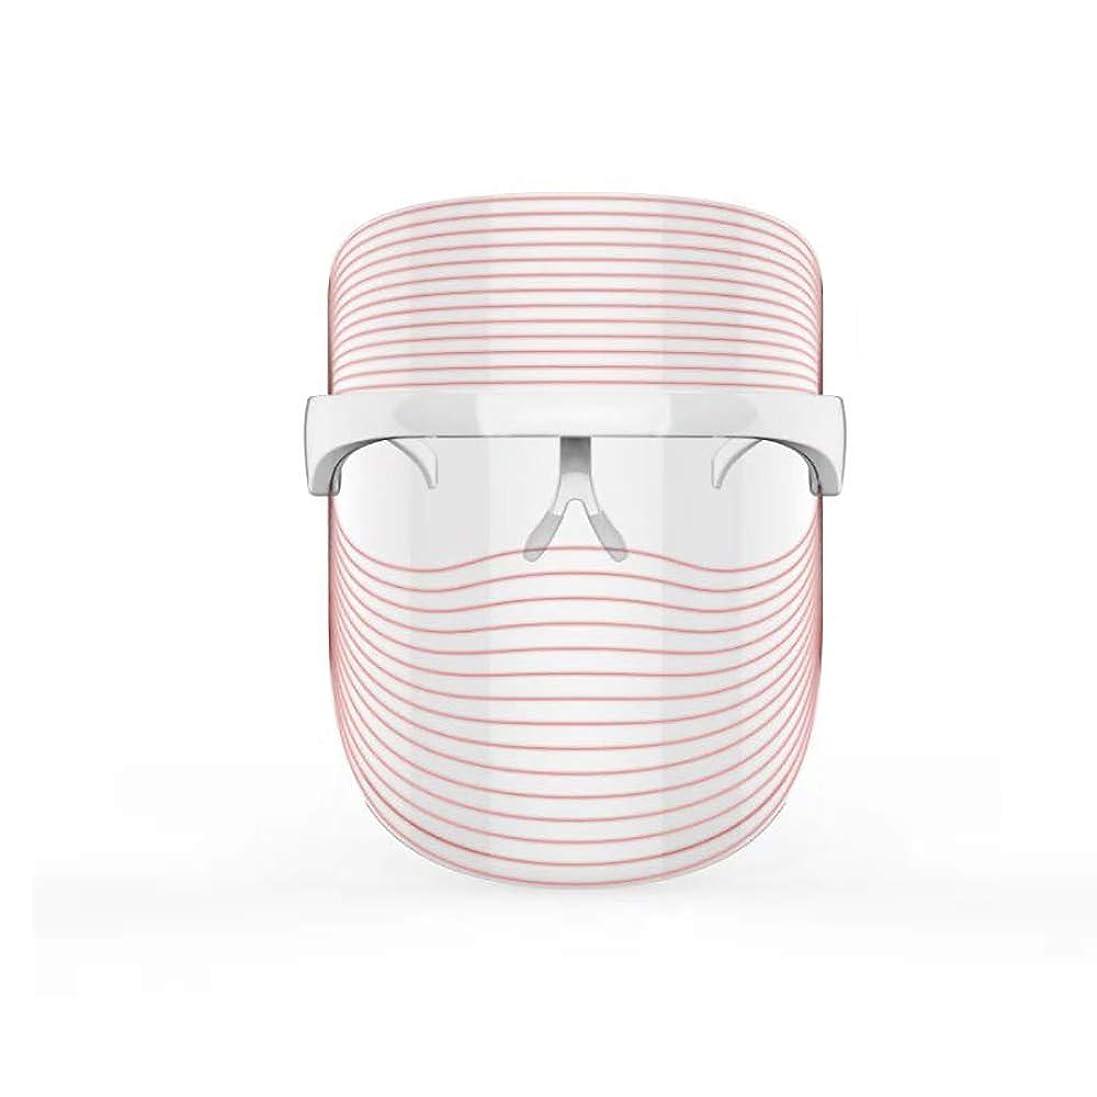 スクラップ良心ブル3色LEDマスクフェイス&ネックネオン白熱LEDフェイスマスク電動フェイシャルスキンケアフェイススキンビューティー